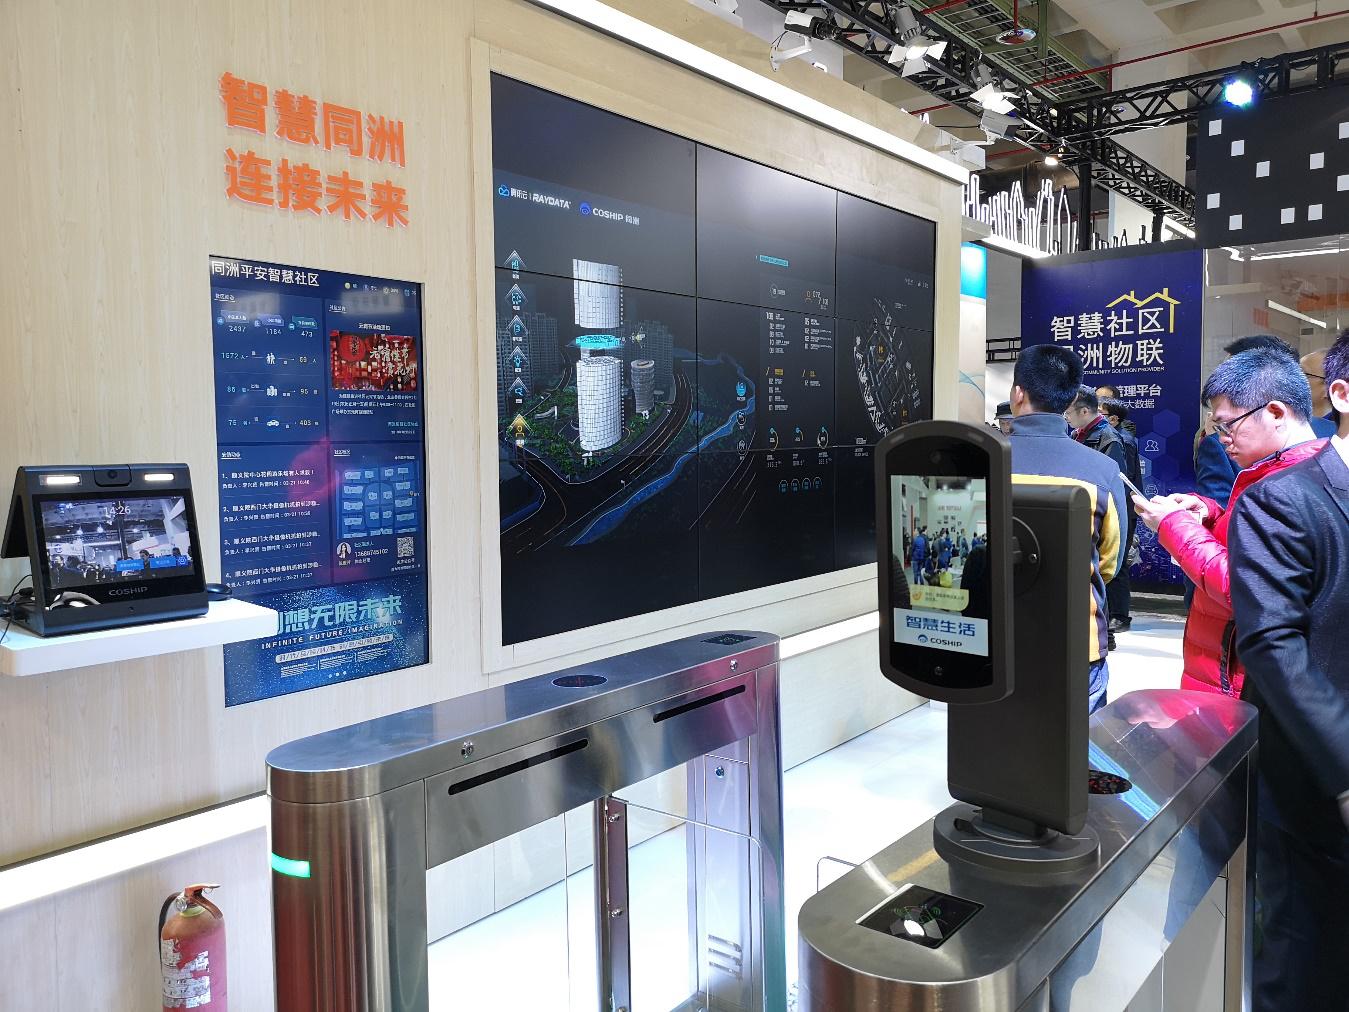 瞩目CCBN2019,同洲三大系列重磅产品预见广电智慧未来